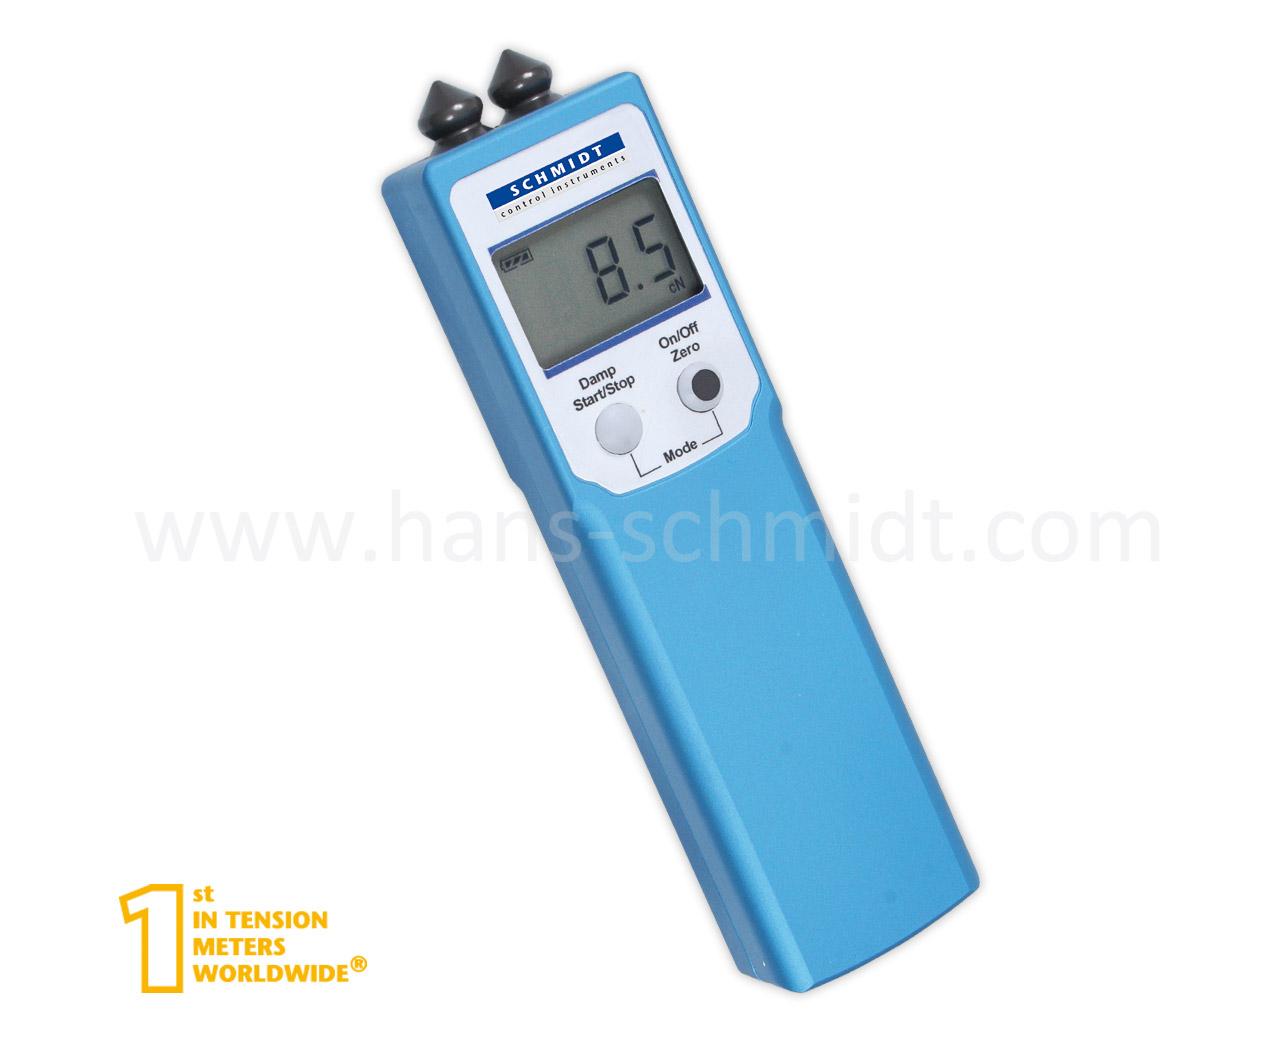 Tension Meter PT-100, hand-held electronic device - Hans Schmidt